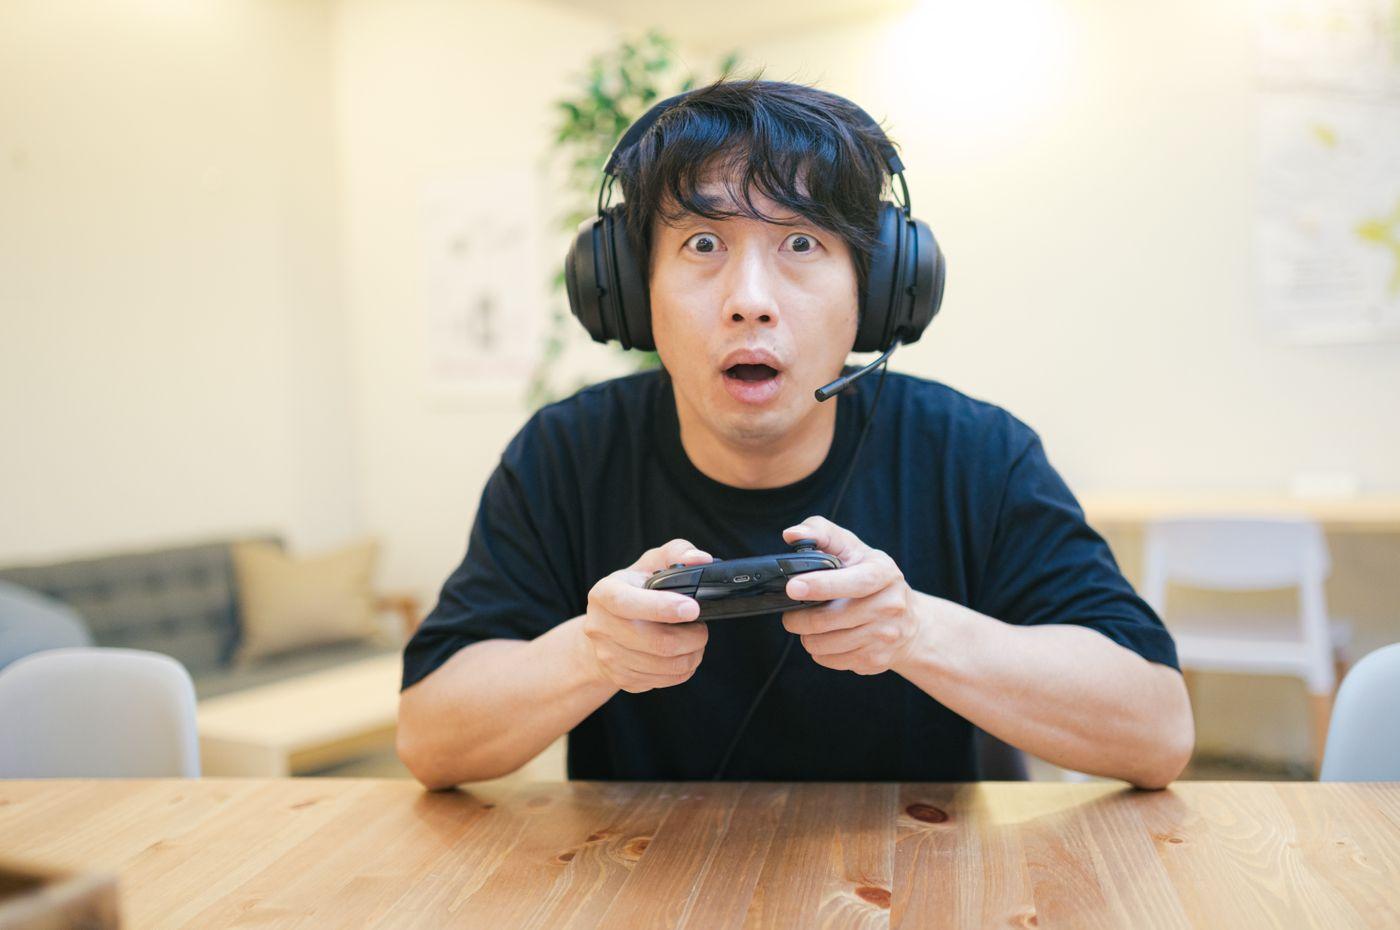 オンラインゲームに熱中する男性の写真